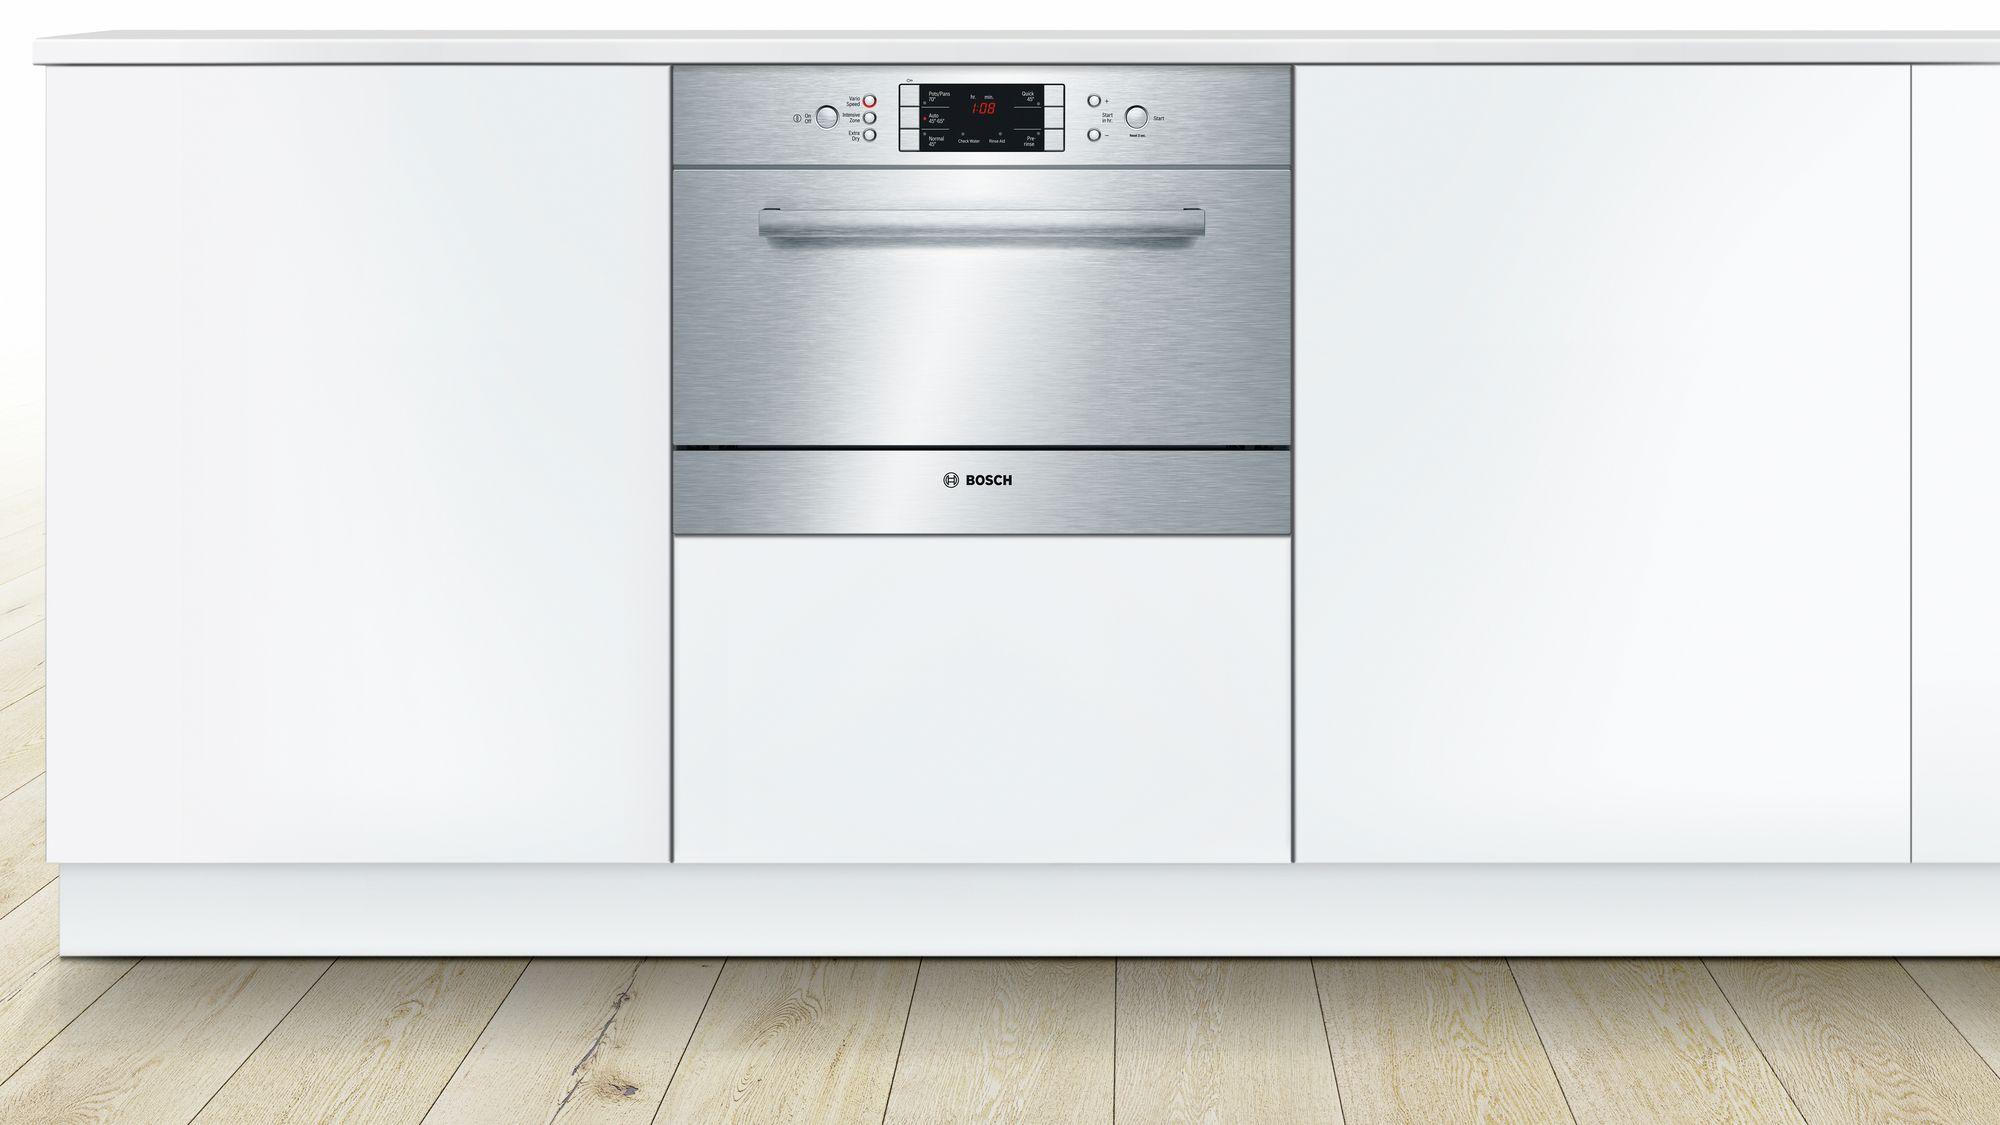 bosch 60cm series 6 built in compact dishwasher ske53m05au. Black Bedroom Furniture Sets. Home Design Ideas